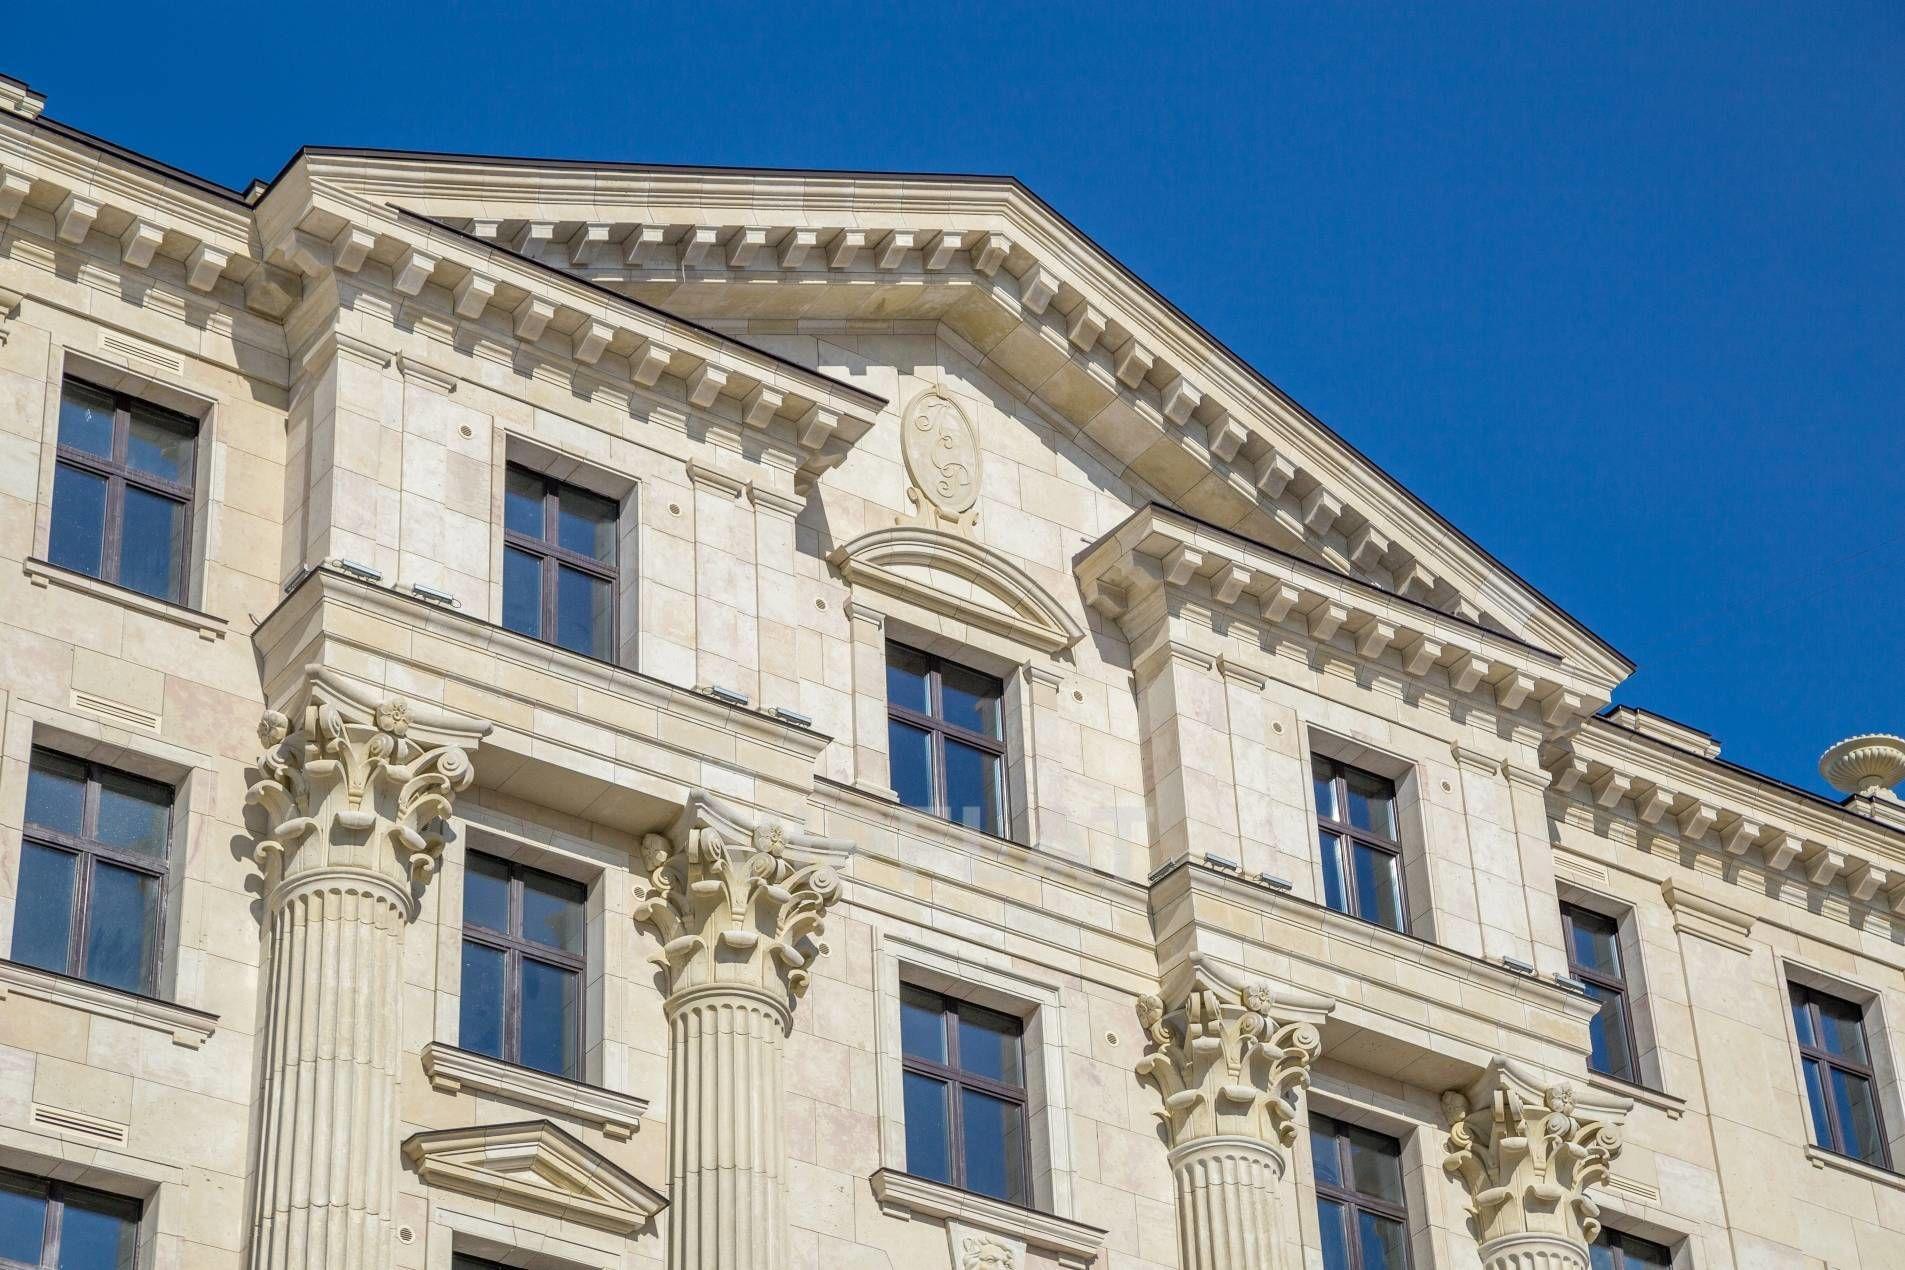 Продажа элитных квартир Санкт-Петербурга. Морской пр., 29 Величественные колонны